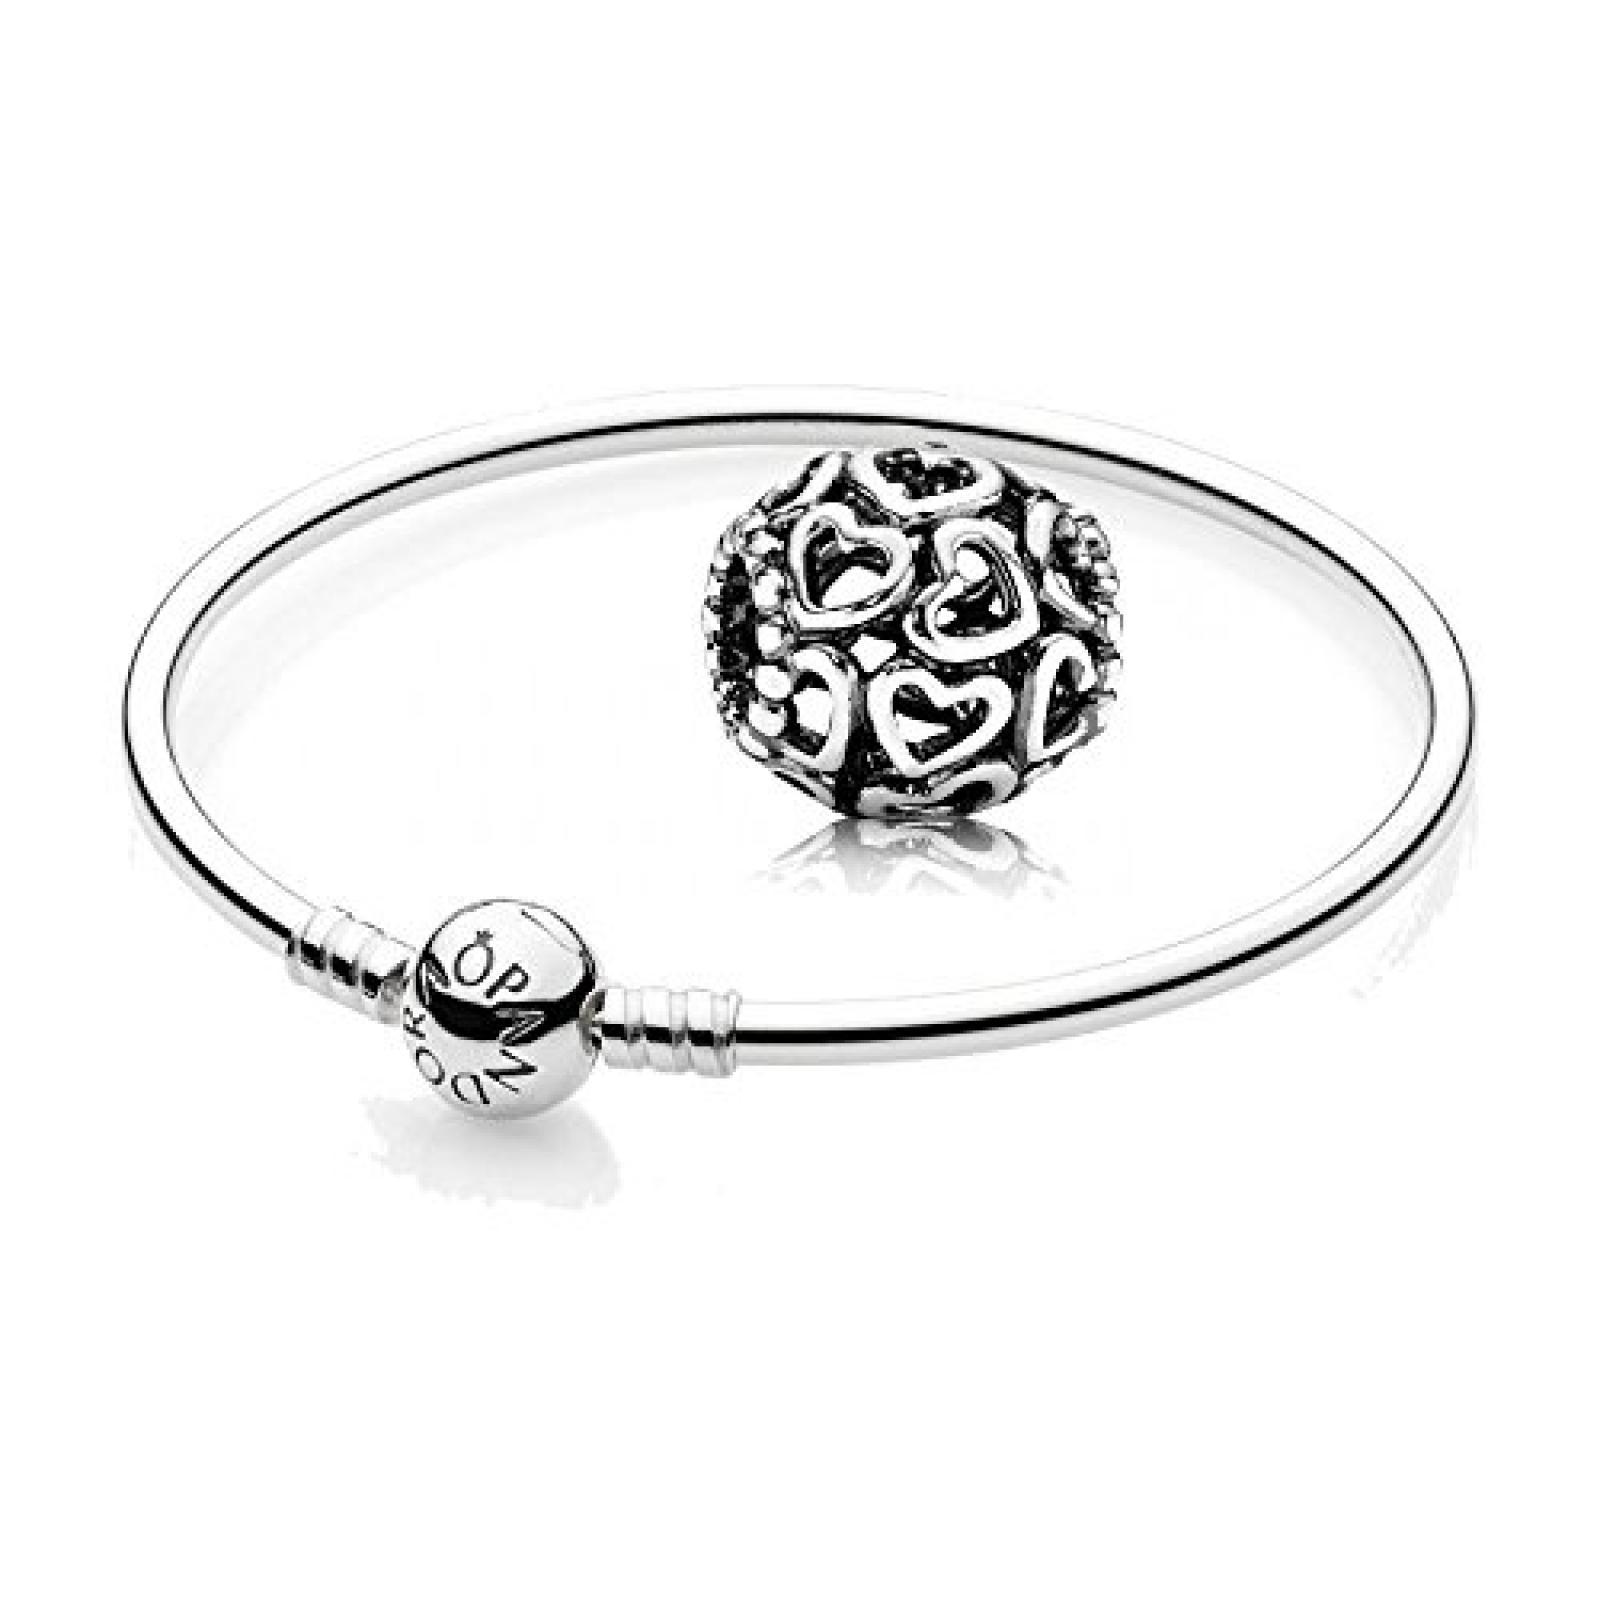 Original Pandora Geschenkset - 1 Silber Armreif 590713 und 1 Filigranes Silber Element Öffne Dein Herz 790964